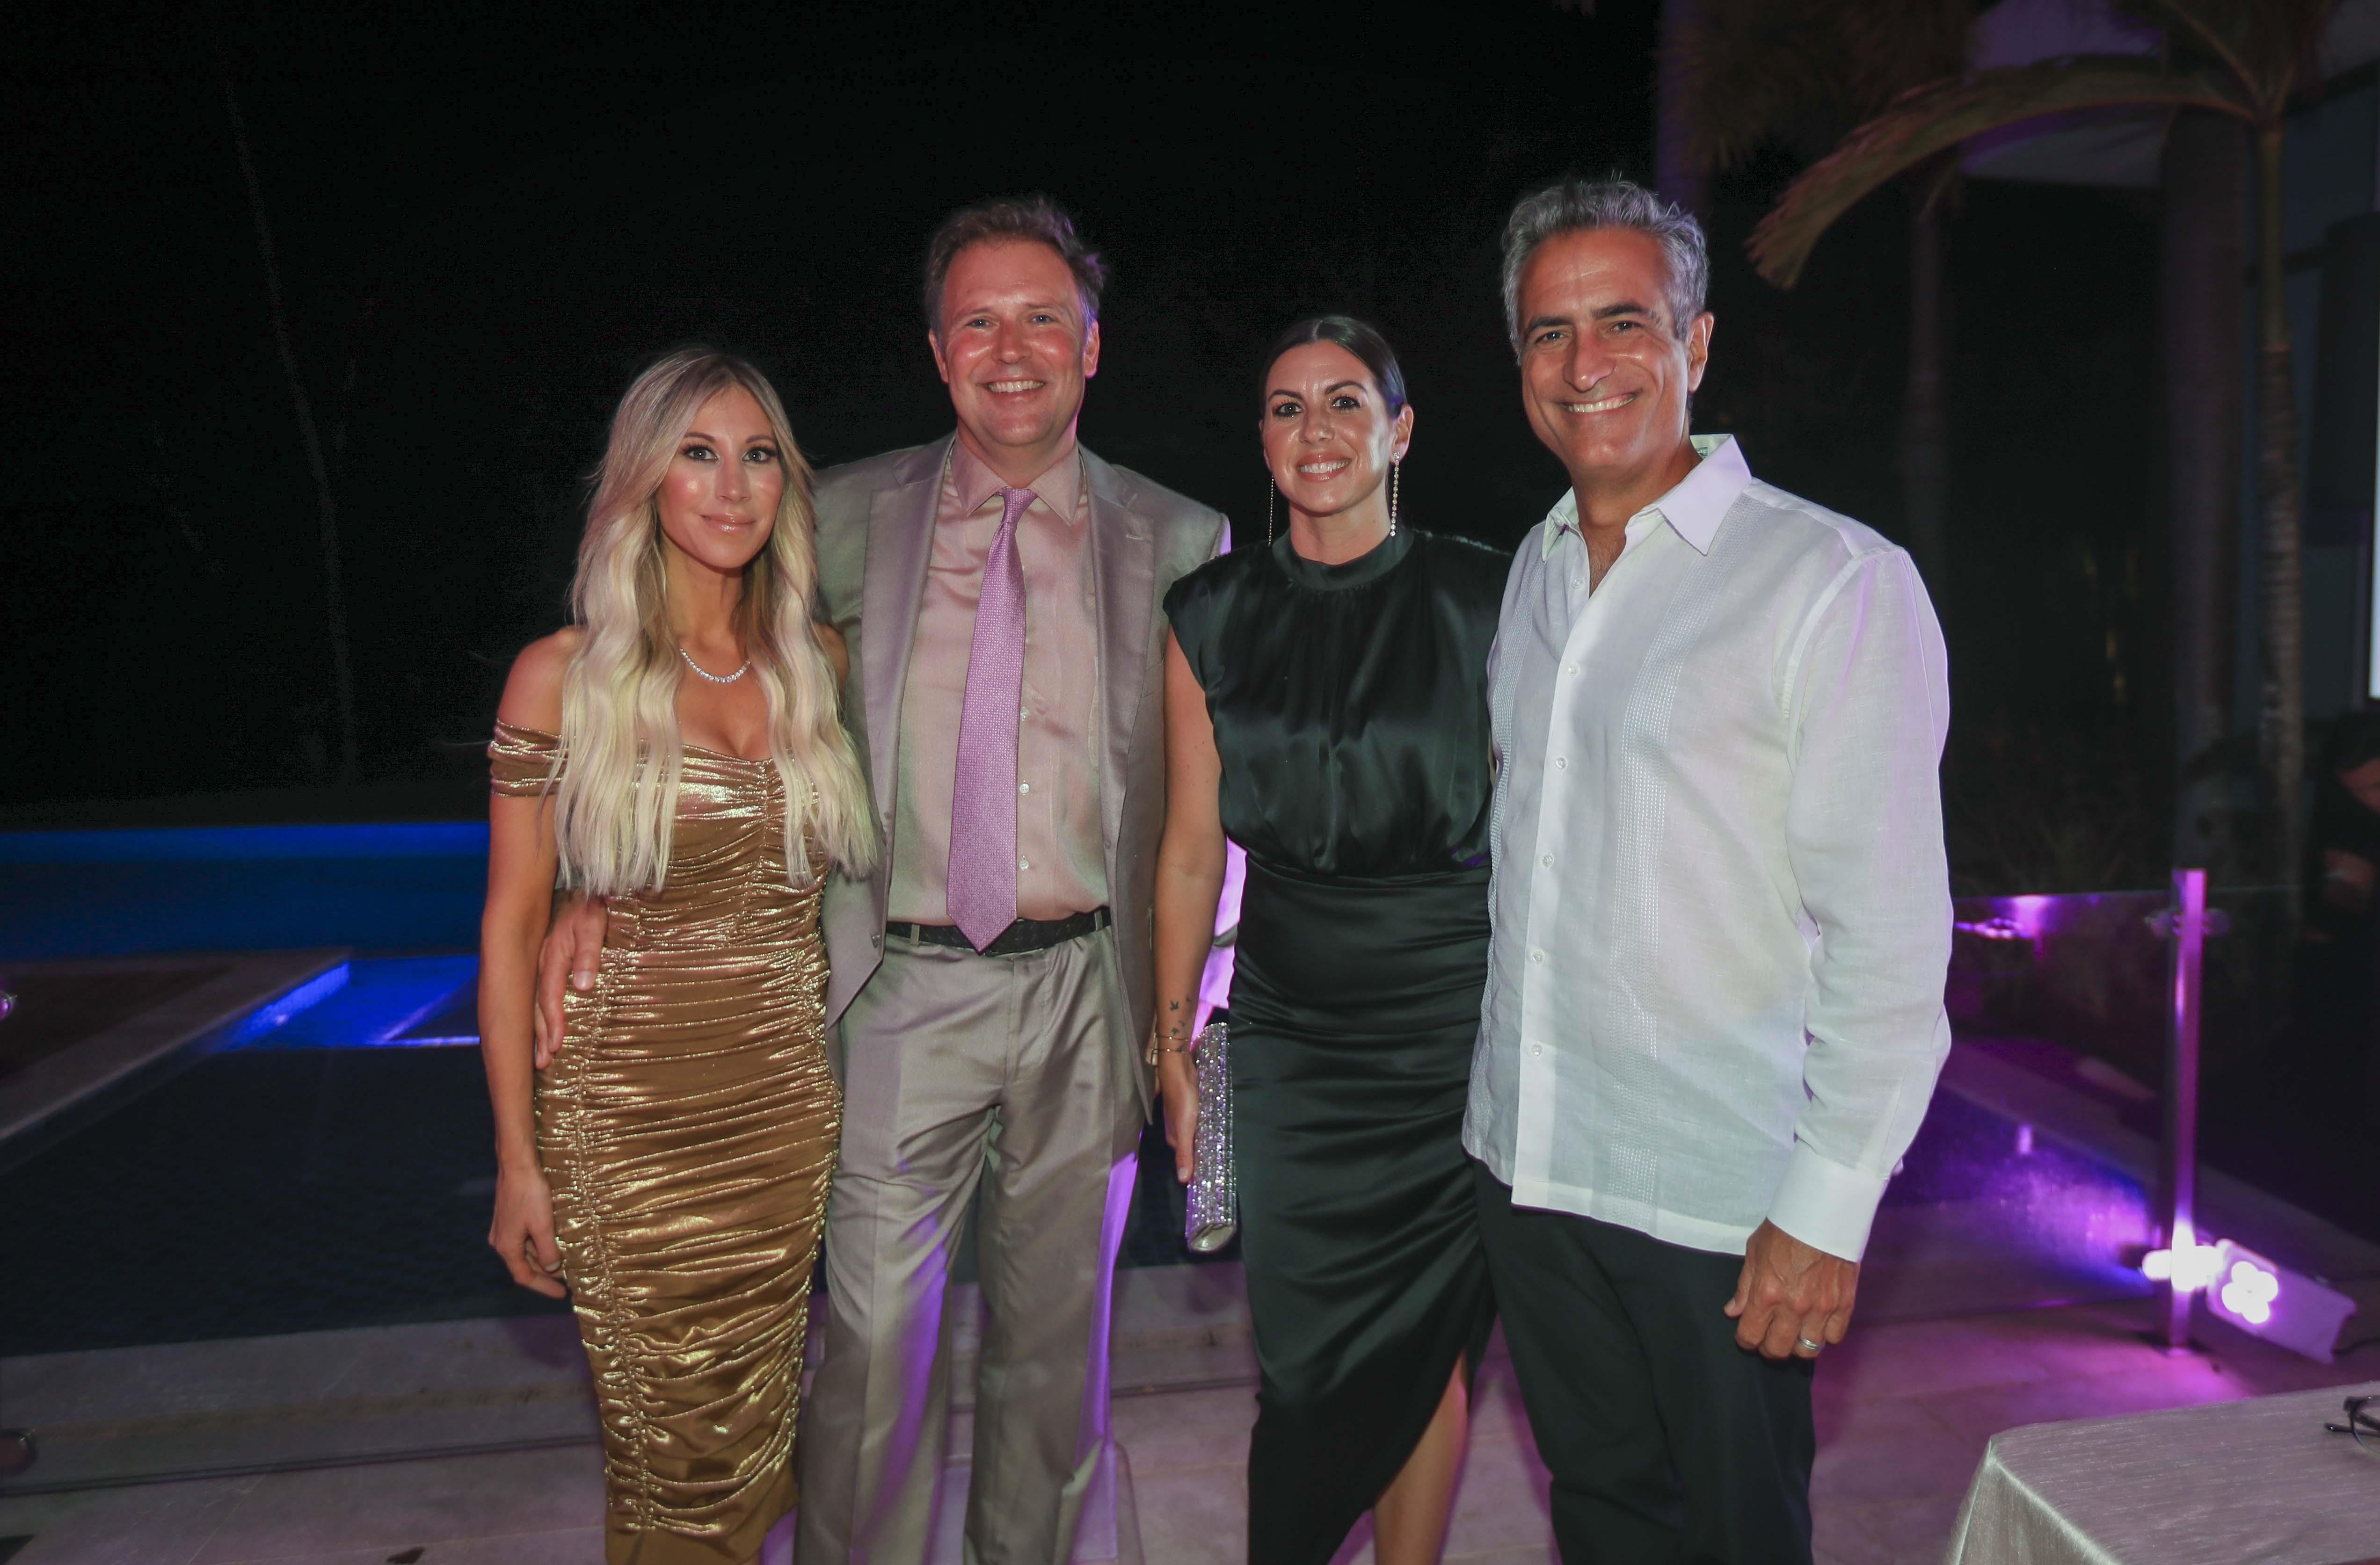 Lauren y Ashton Soniat junto a Luis Aberto Ferré y su esposa Sarah Bird. (Wanda Liz Vega)